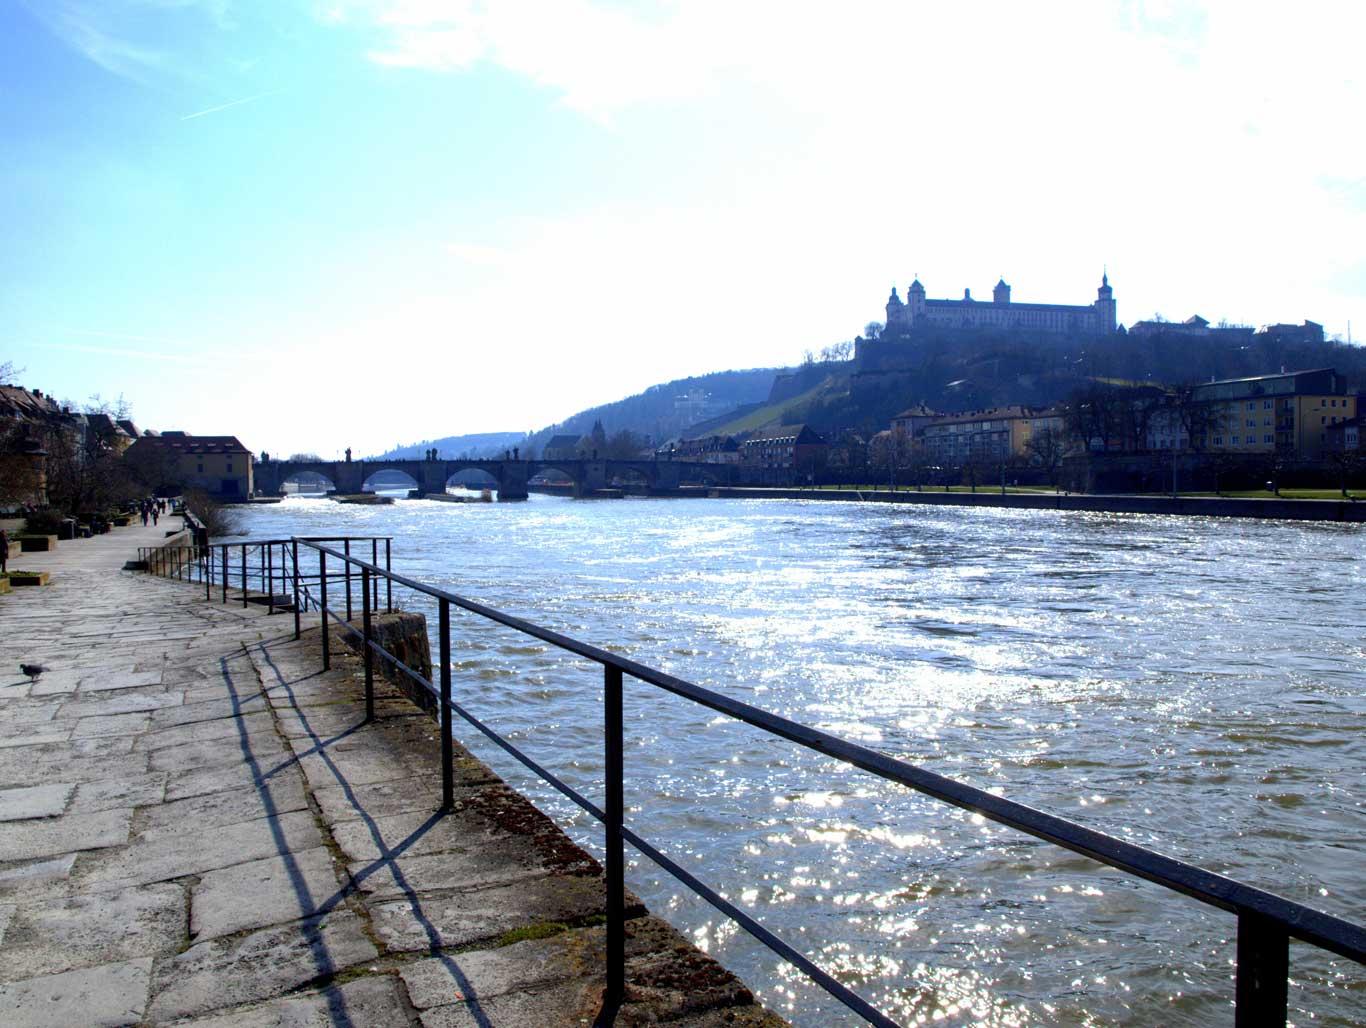 Main promenade,  Old Main Bridge  and  Fortress Marienberg